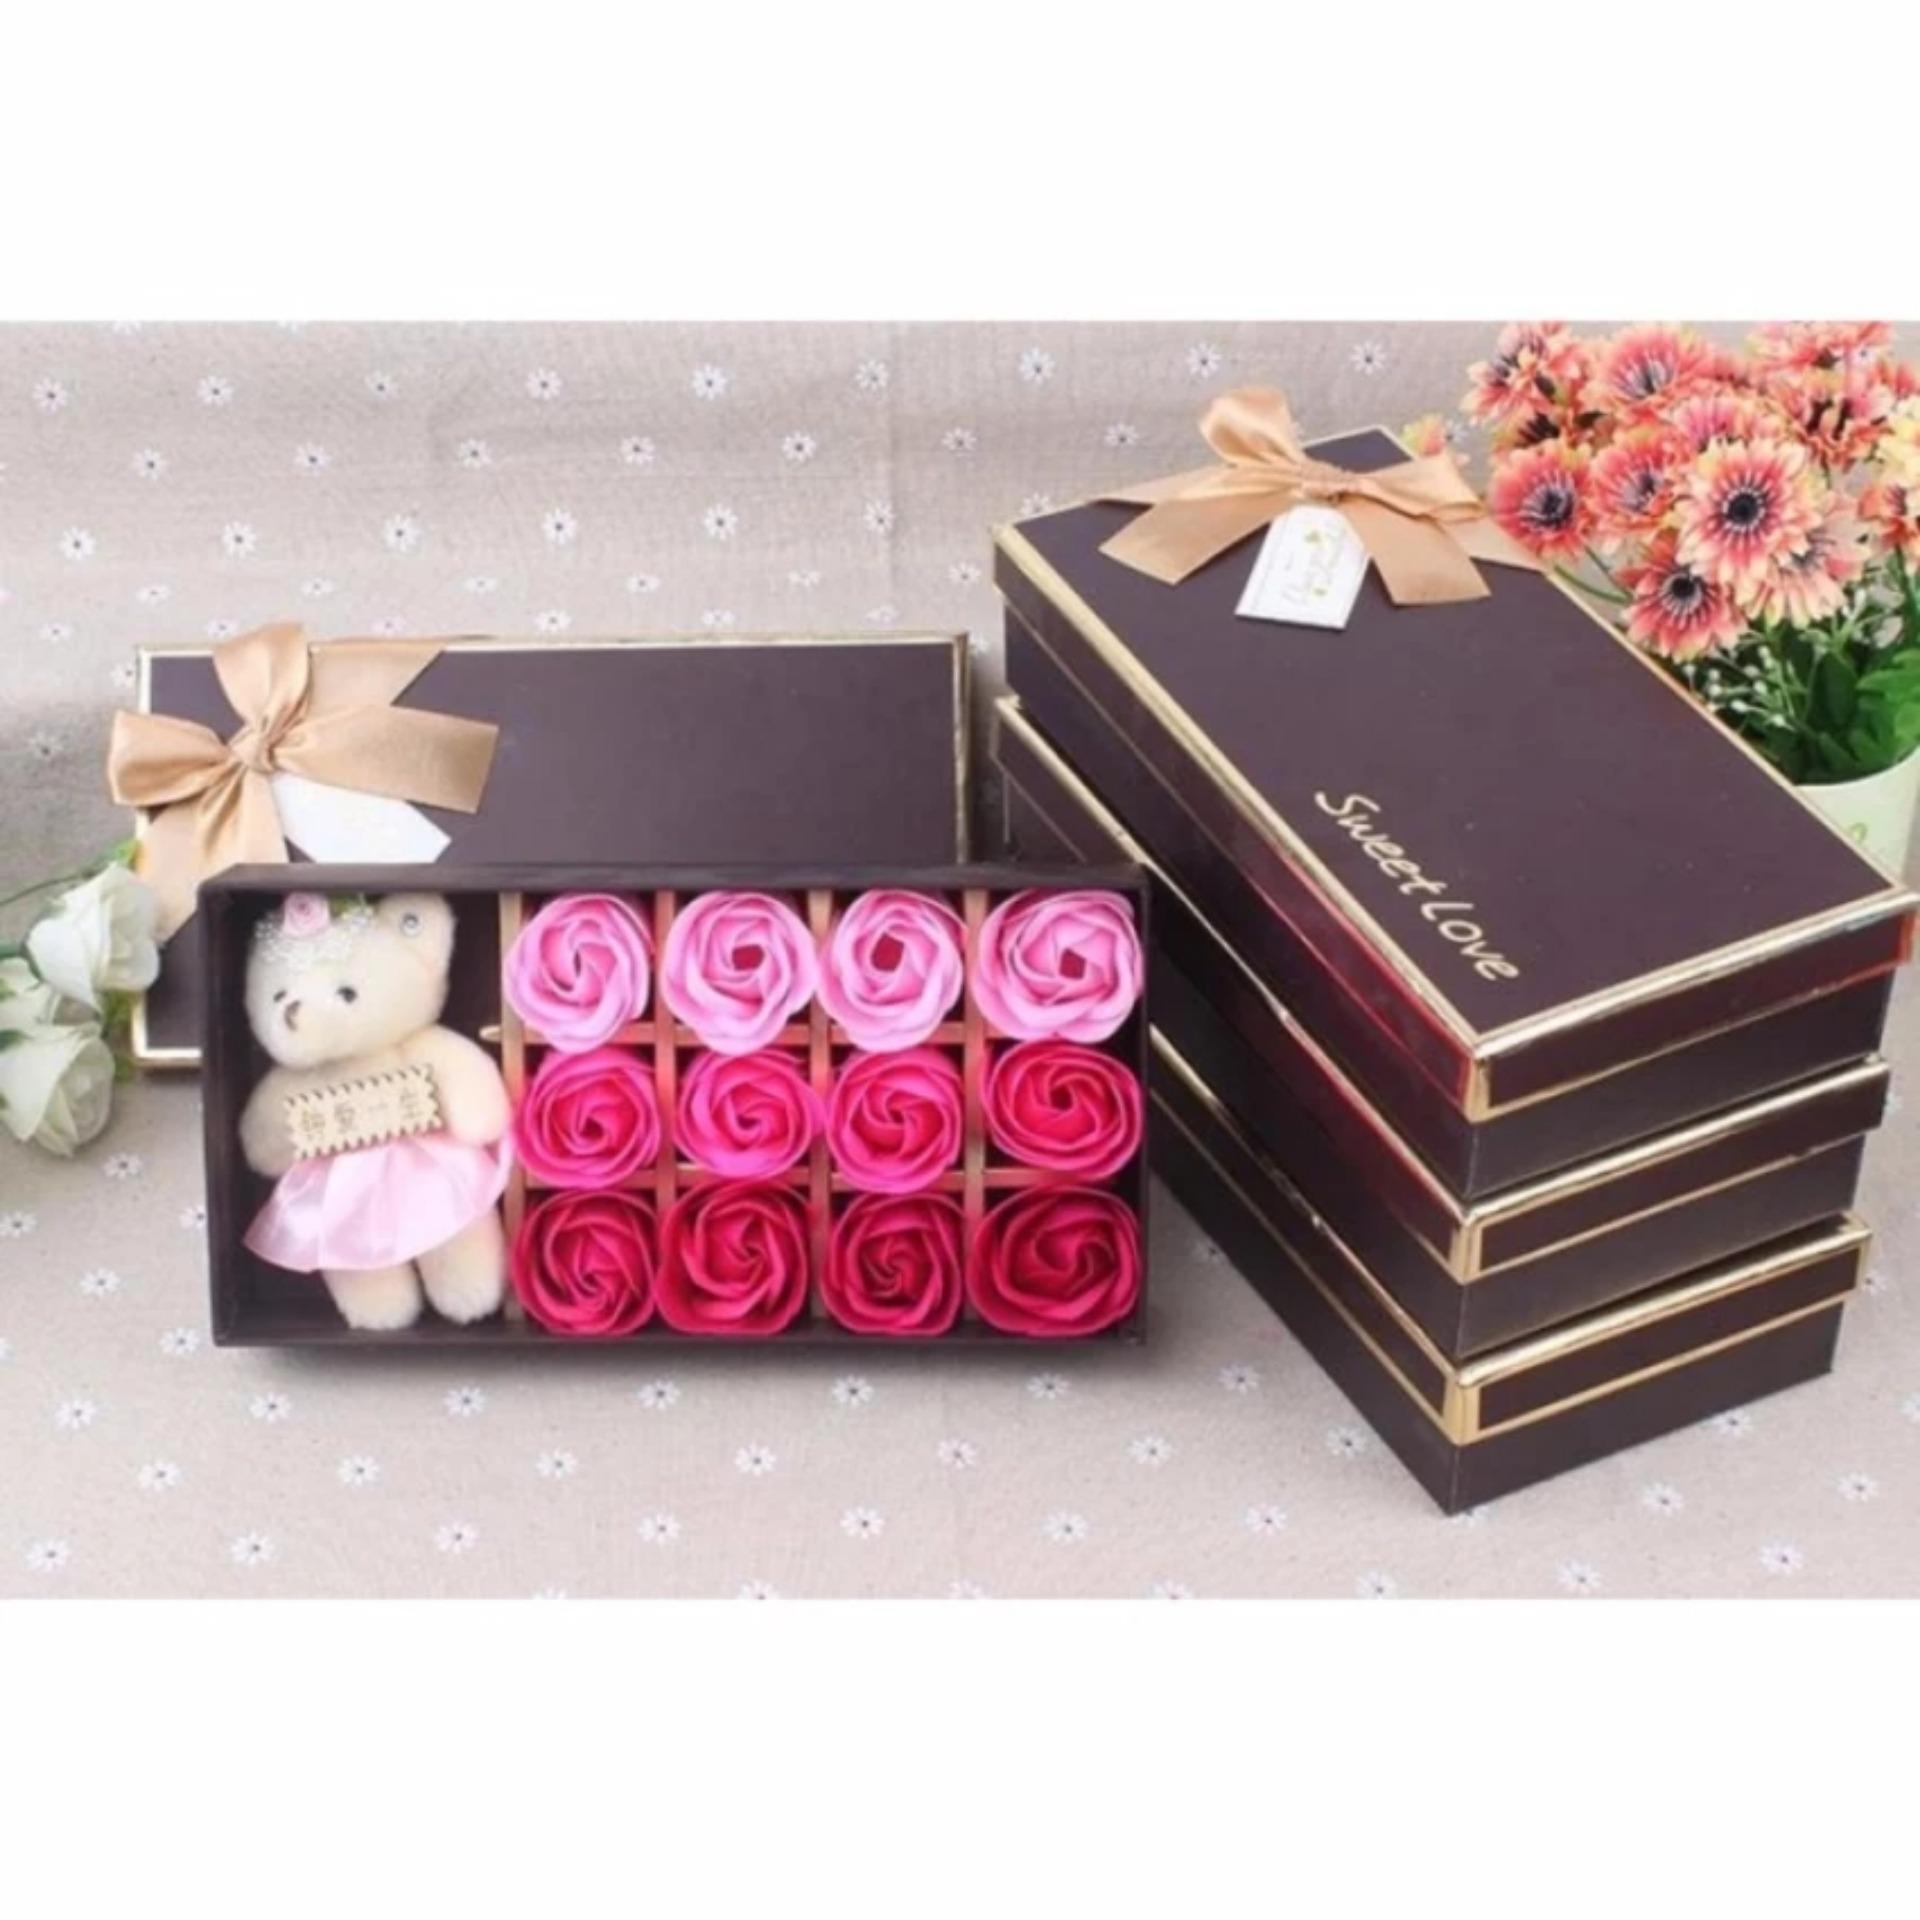 Hộp quà 12 Hoa hồng sáp thơm kèm gấu bông